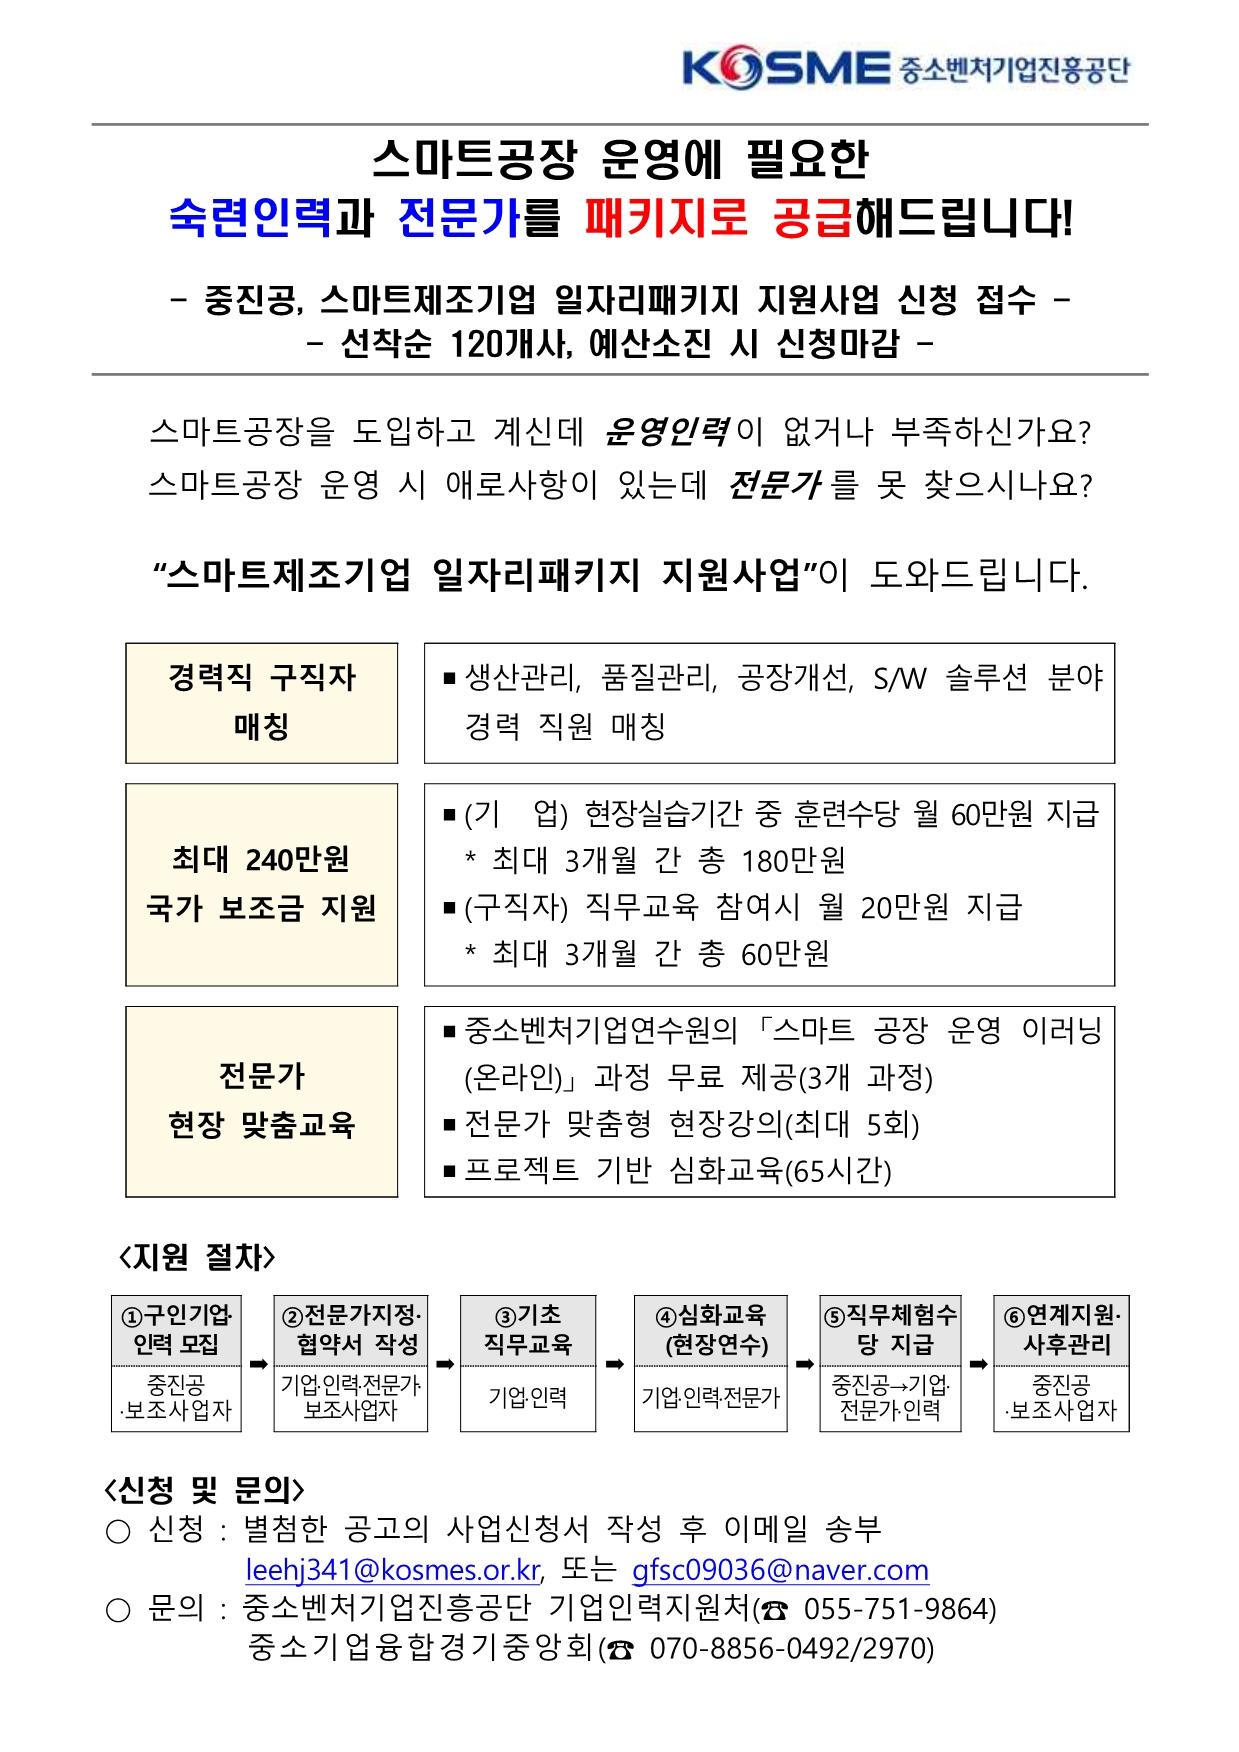 07d9d446-c82e-4273-949d-28c951ca3273.pdf-0001.jpg